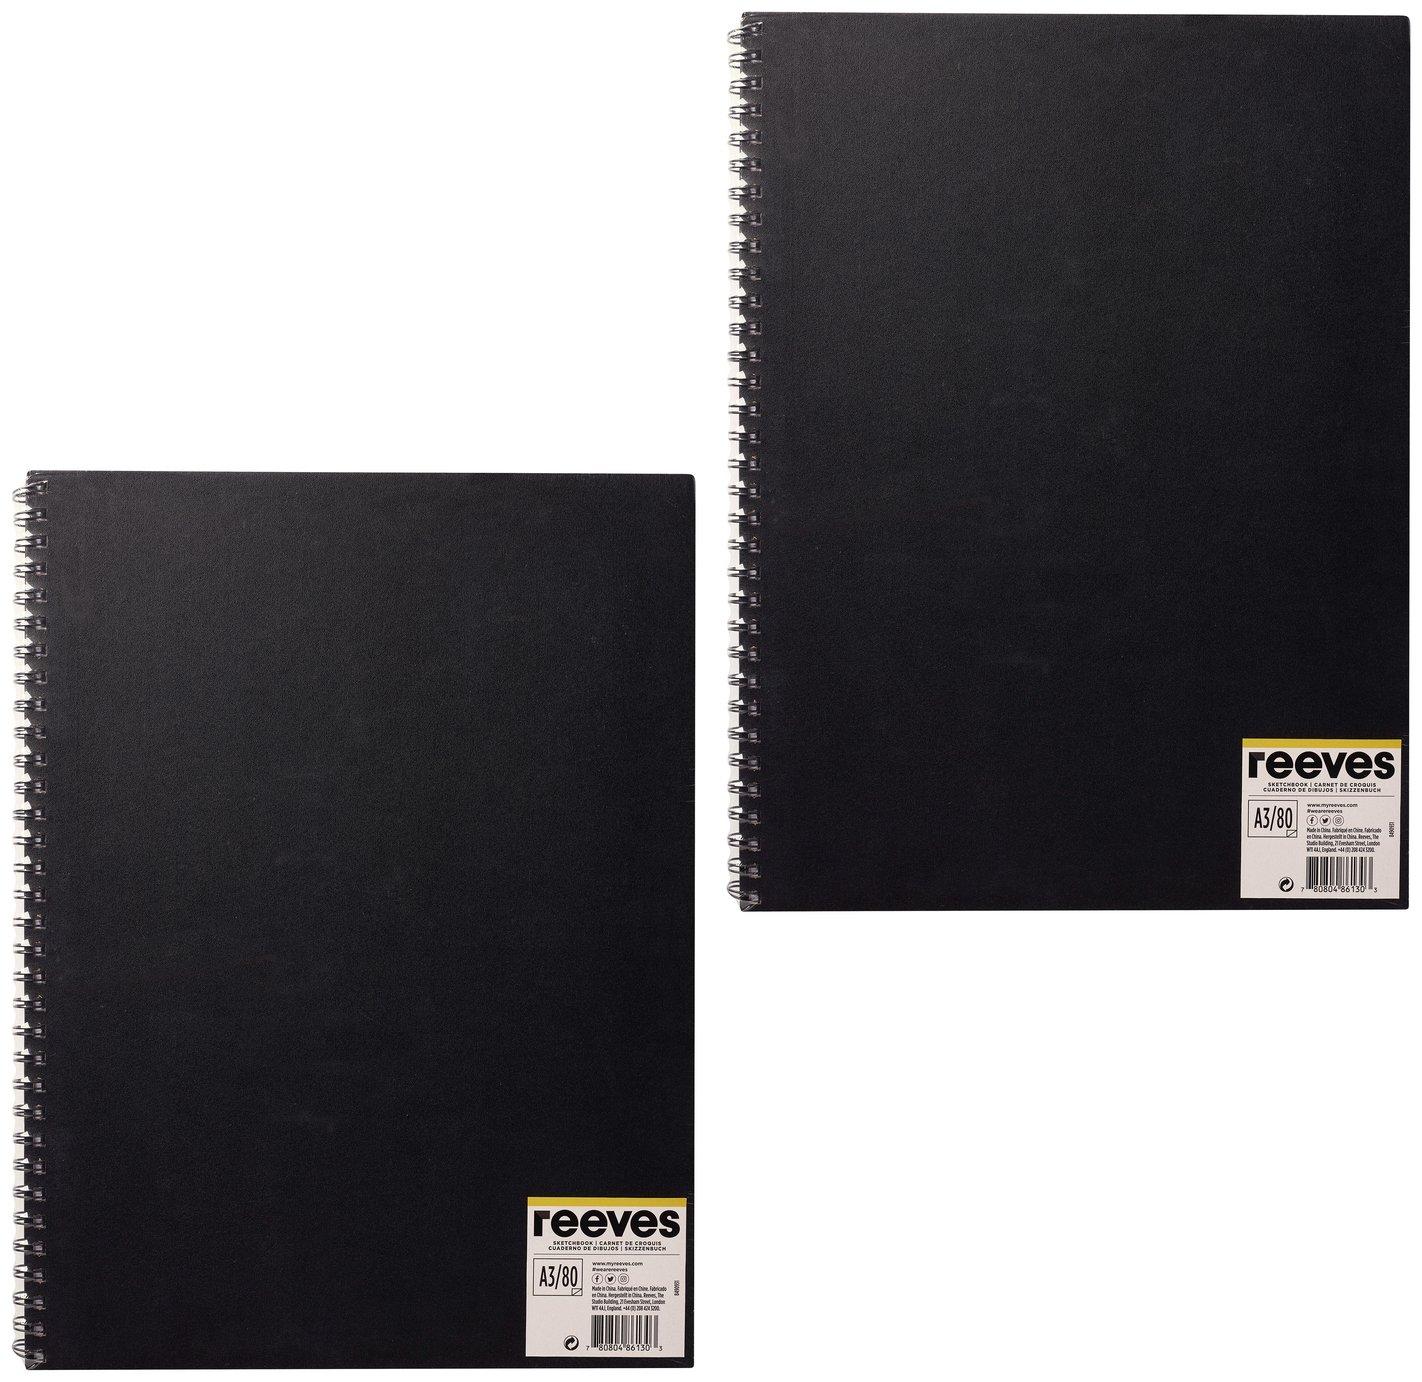 Reeves A3 Sketch Book - 2 Pack